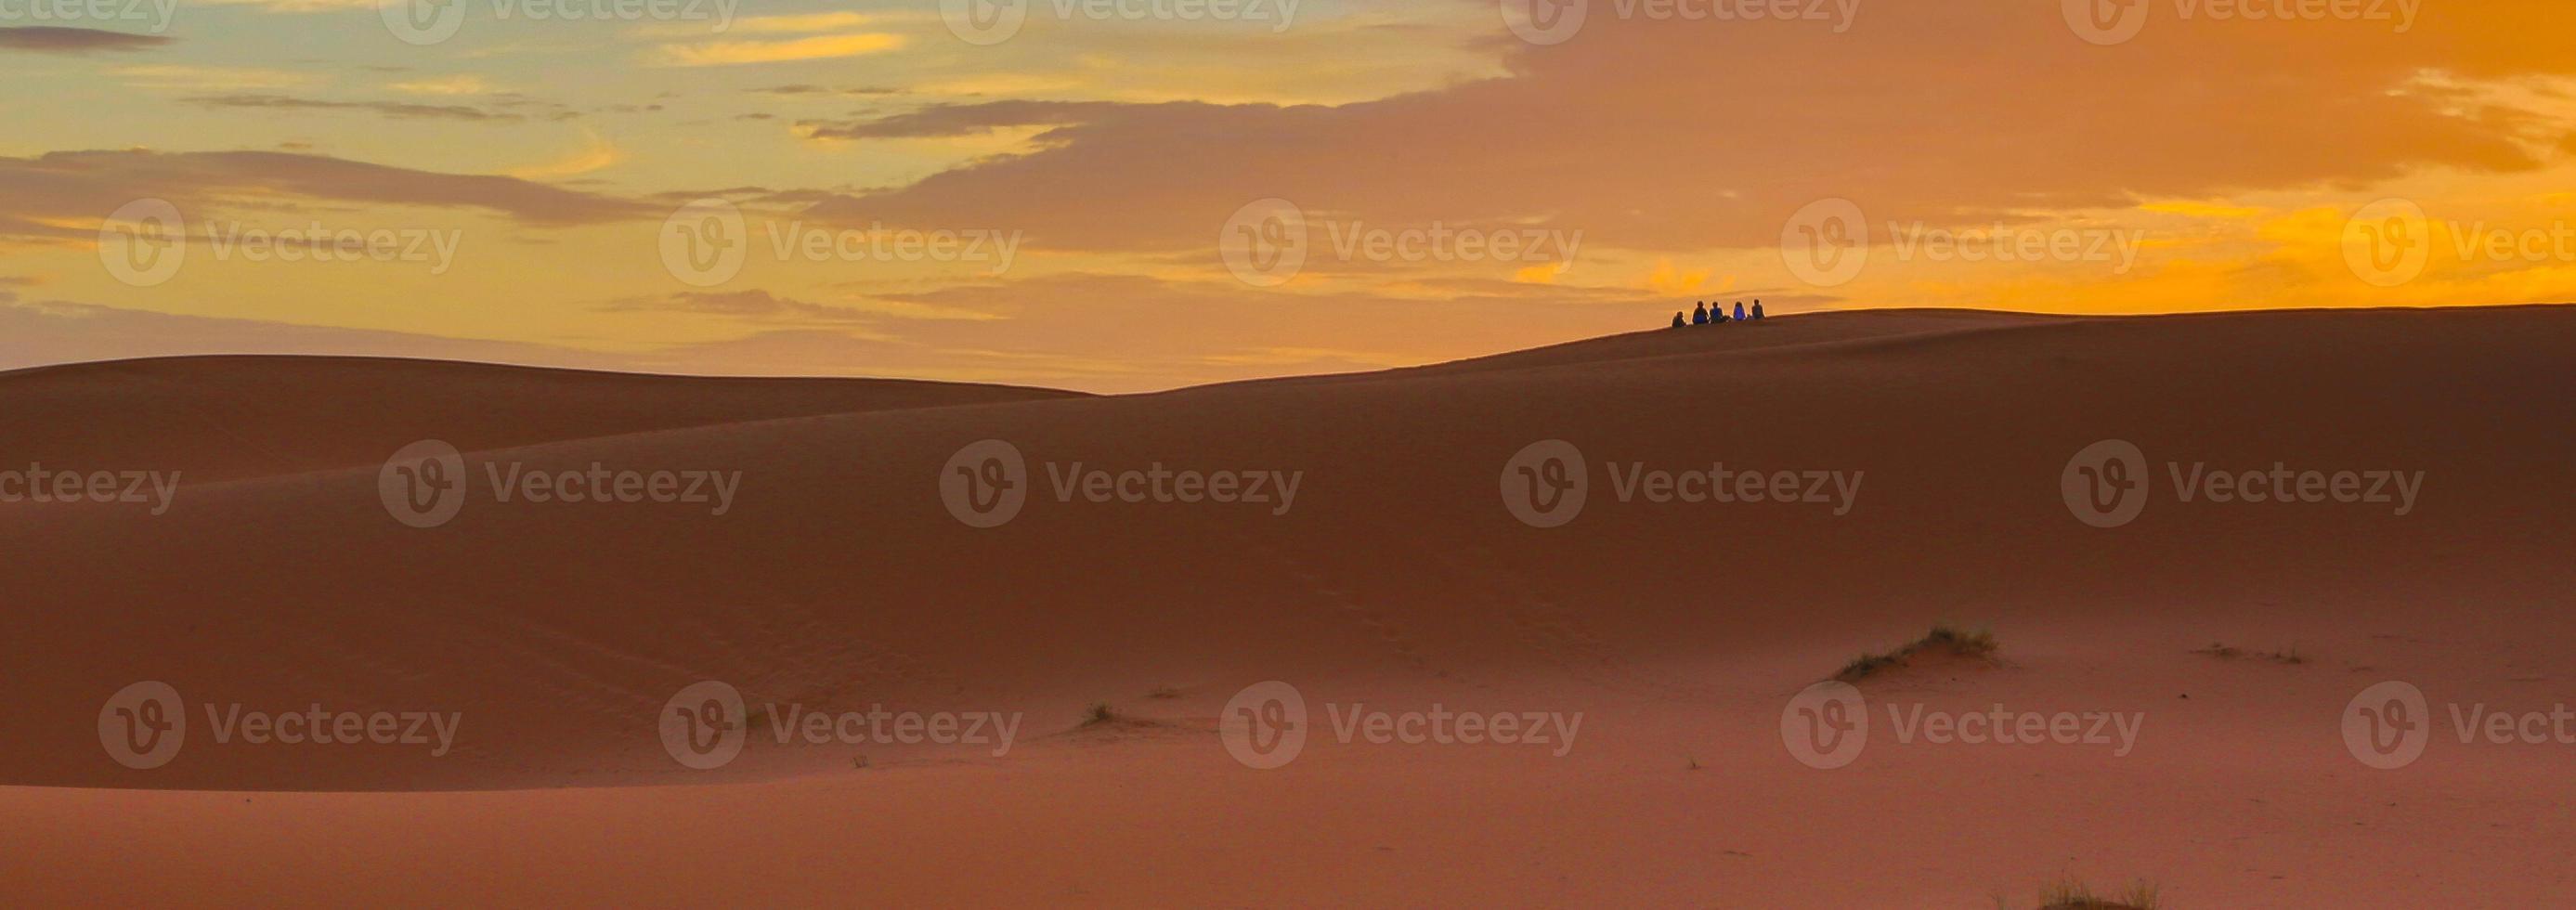 Sahara Wüste Marokko. Menschen in der Ferne beobachten den Sonnenaufgang. foto